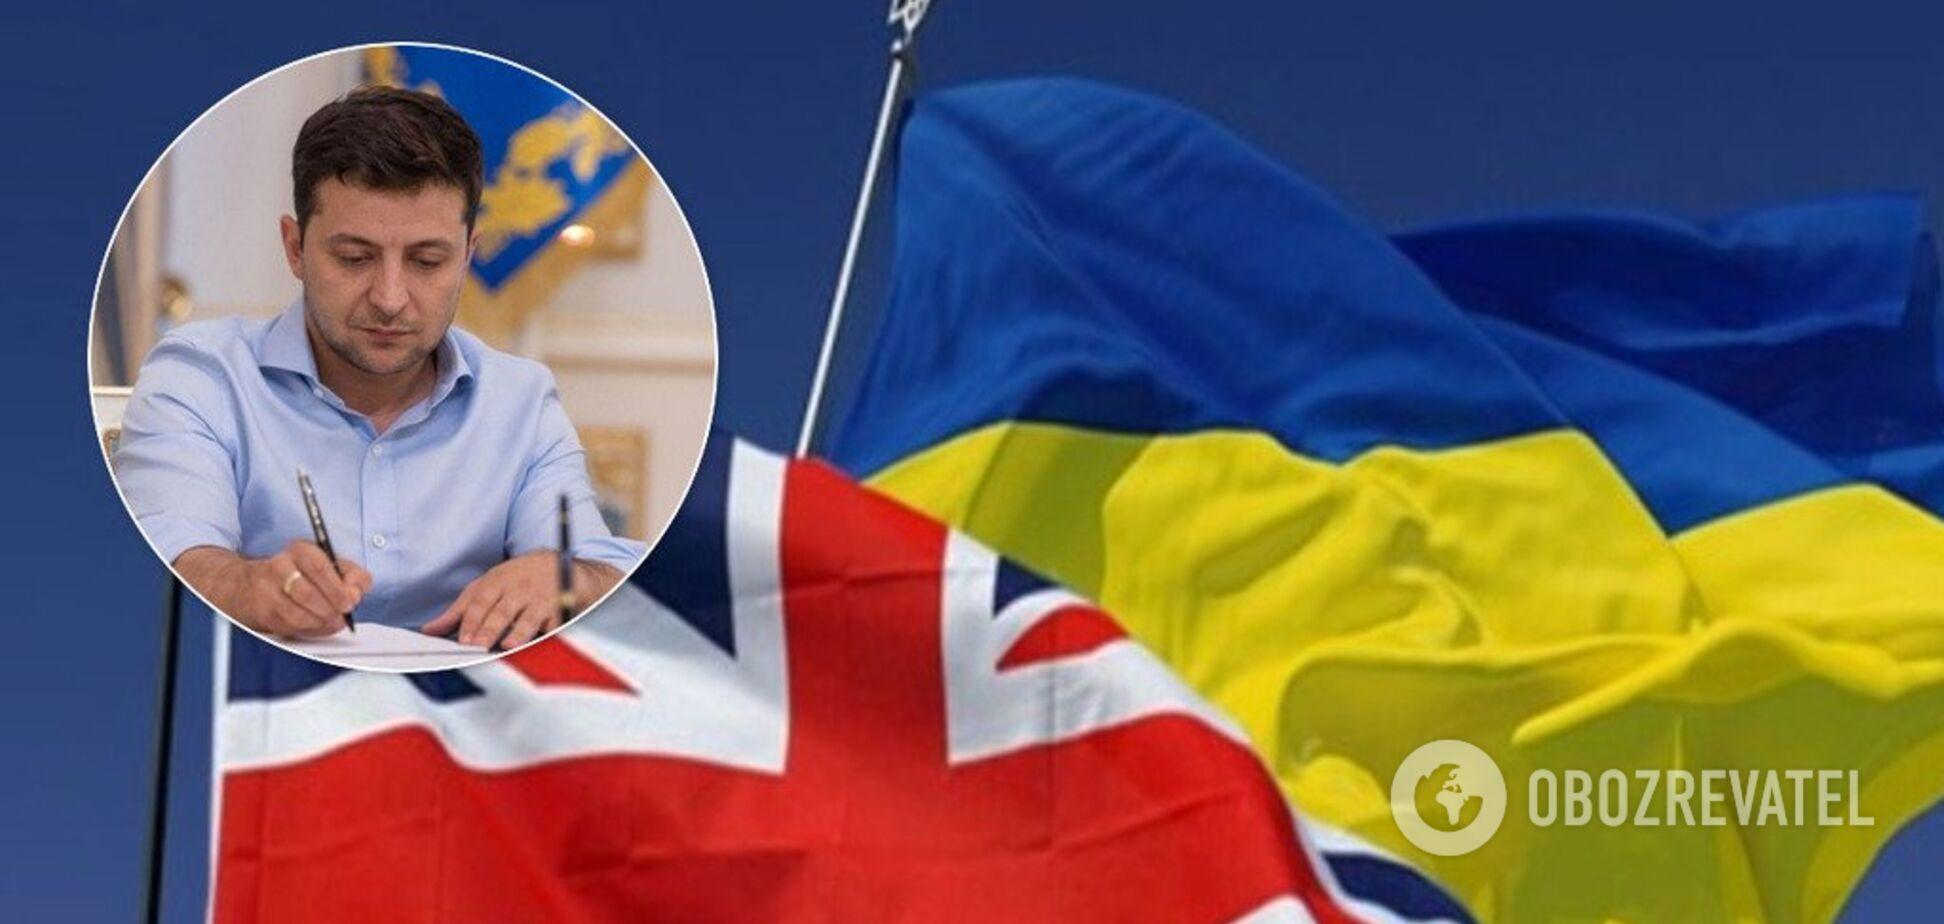 Украина введет безвиз для Британии после Brexit – СМИ